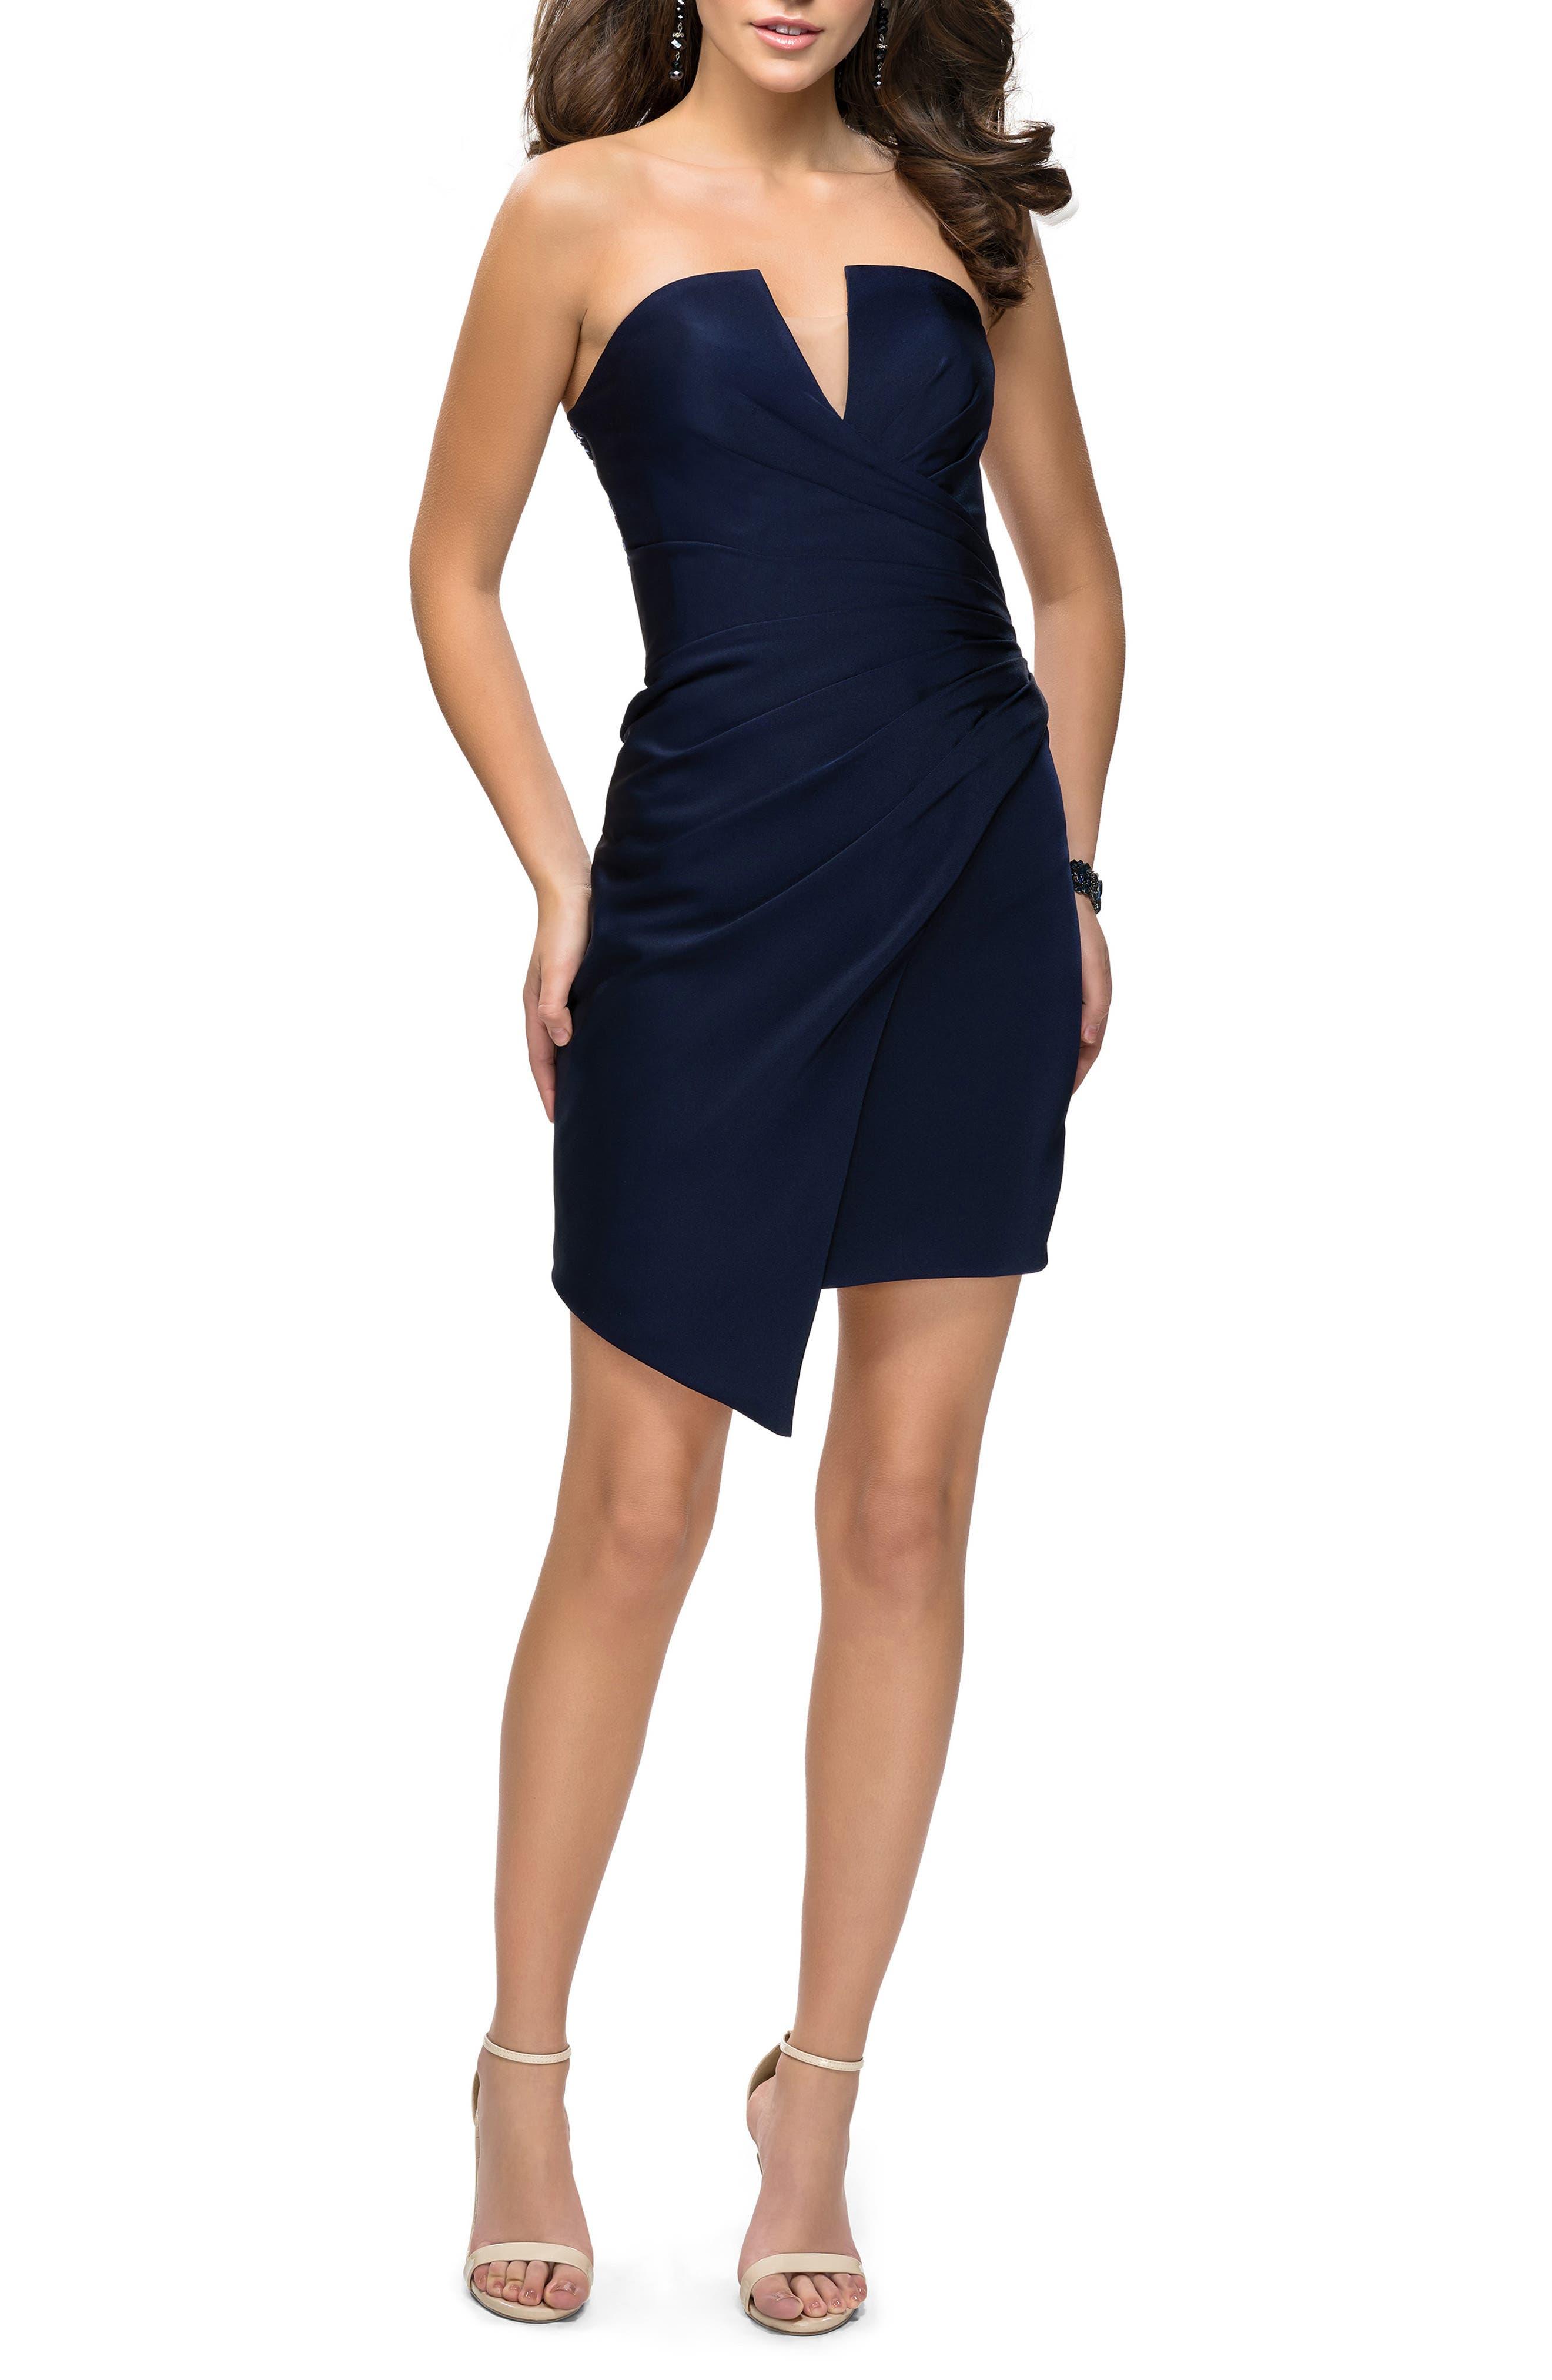 LA FEMME Strapless Asymmetrical Party Dress, Main, color, NAVY